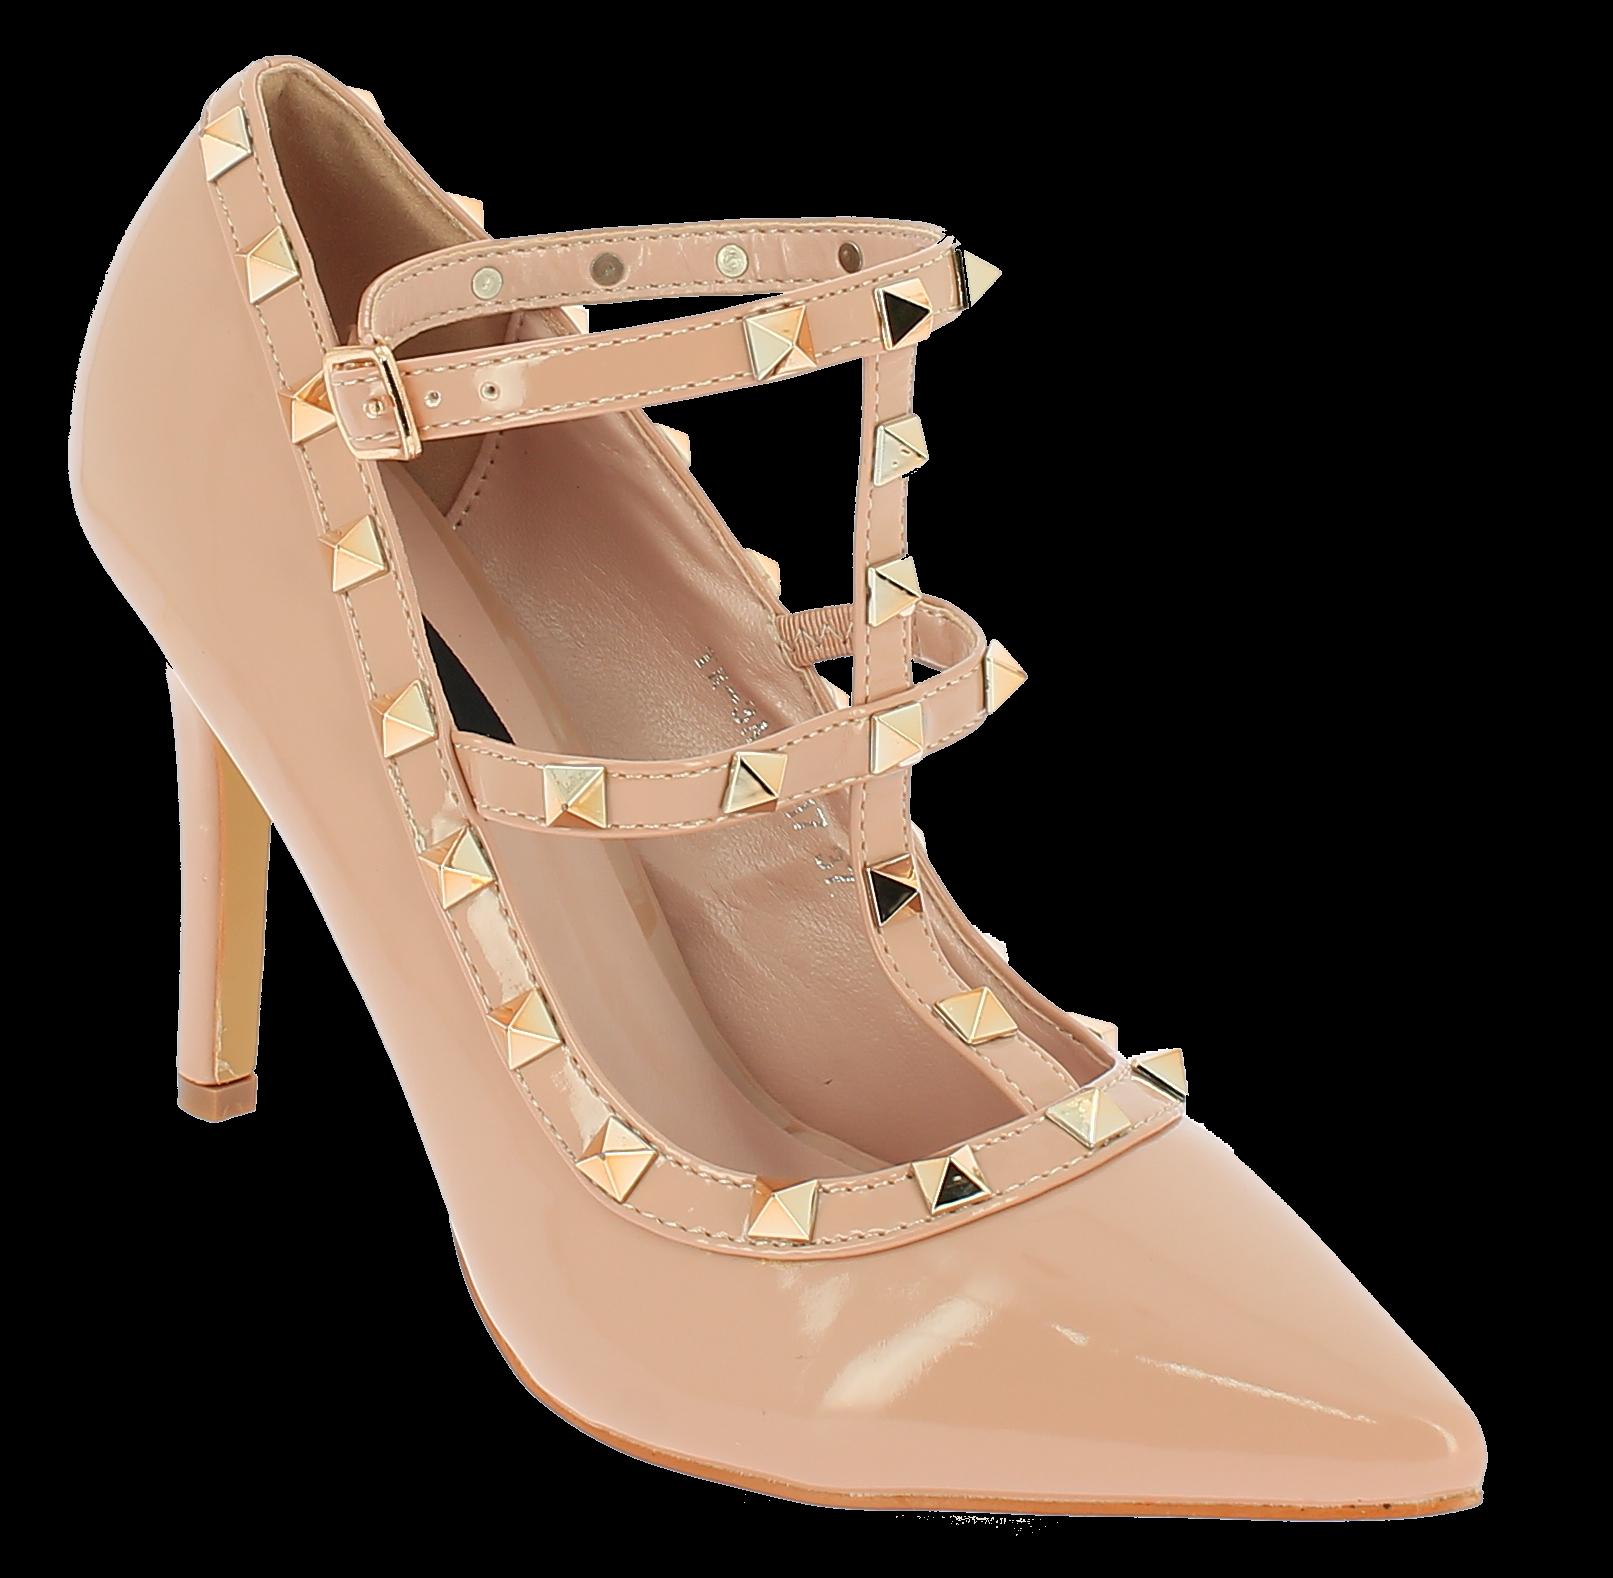 IQSHOES Γυναικεία Γόβα 3A11 Μπεζ - IqShoes - 3A11 BEIGE-beige-36/1/7/7 παπούτσια  γόβες